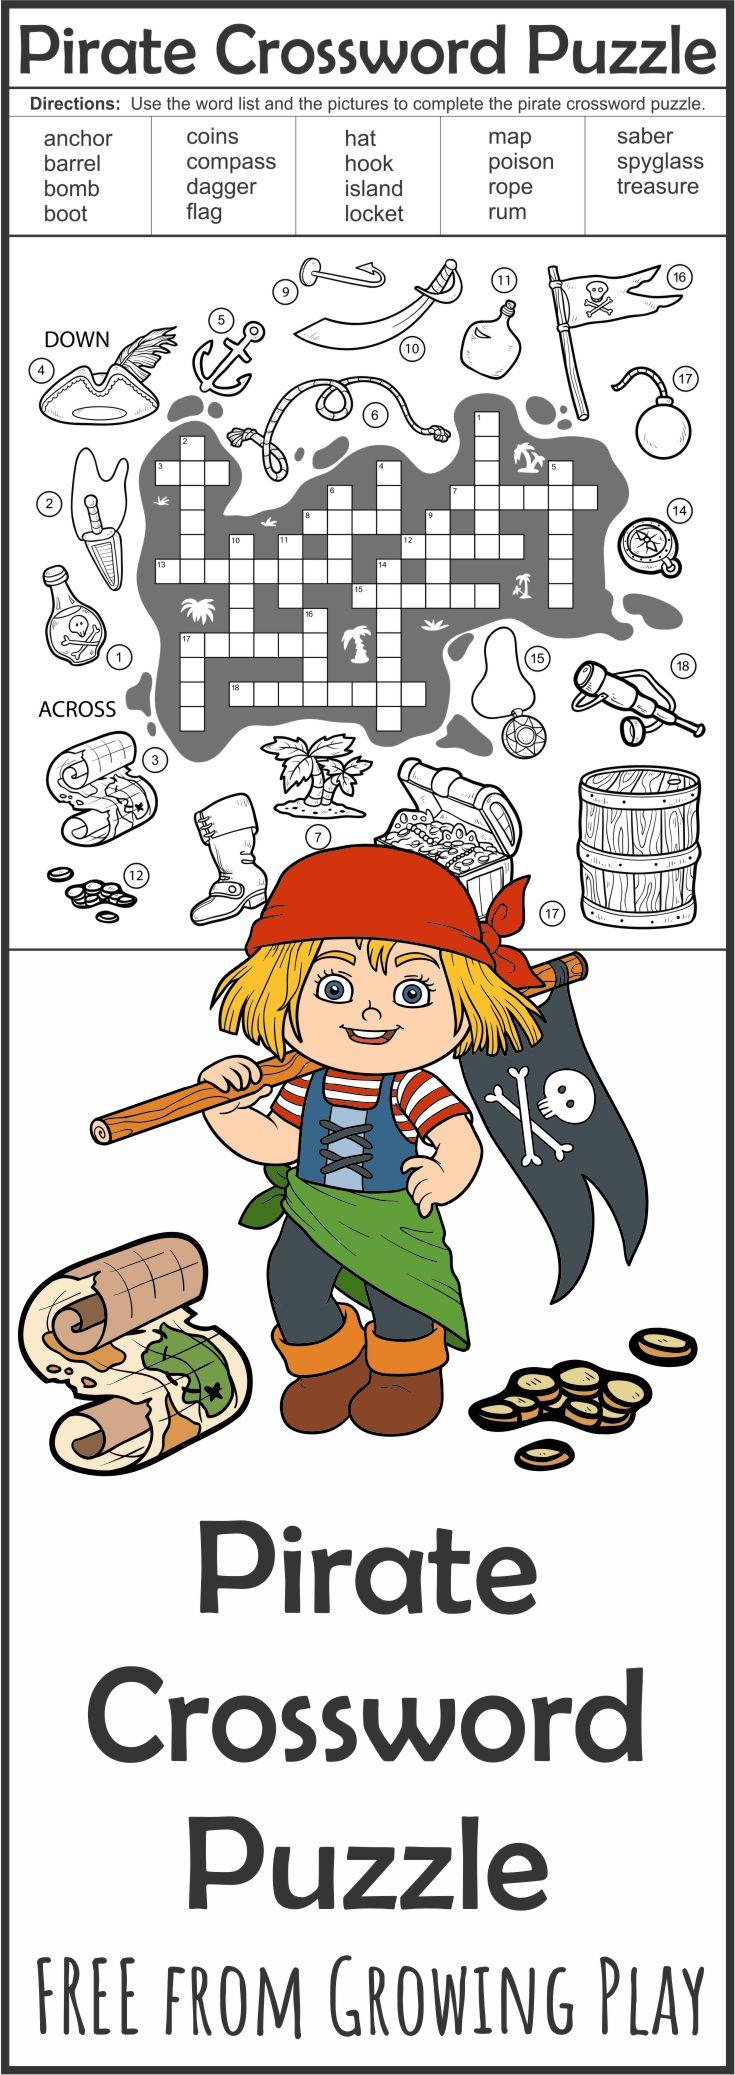 Pirate Crossword Puzzle